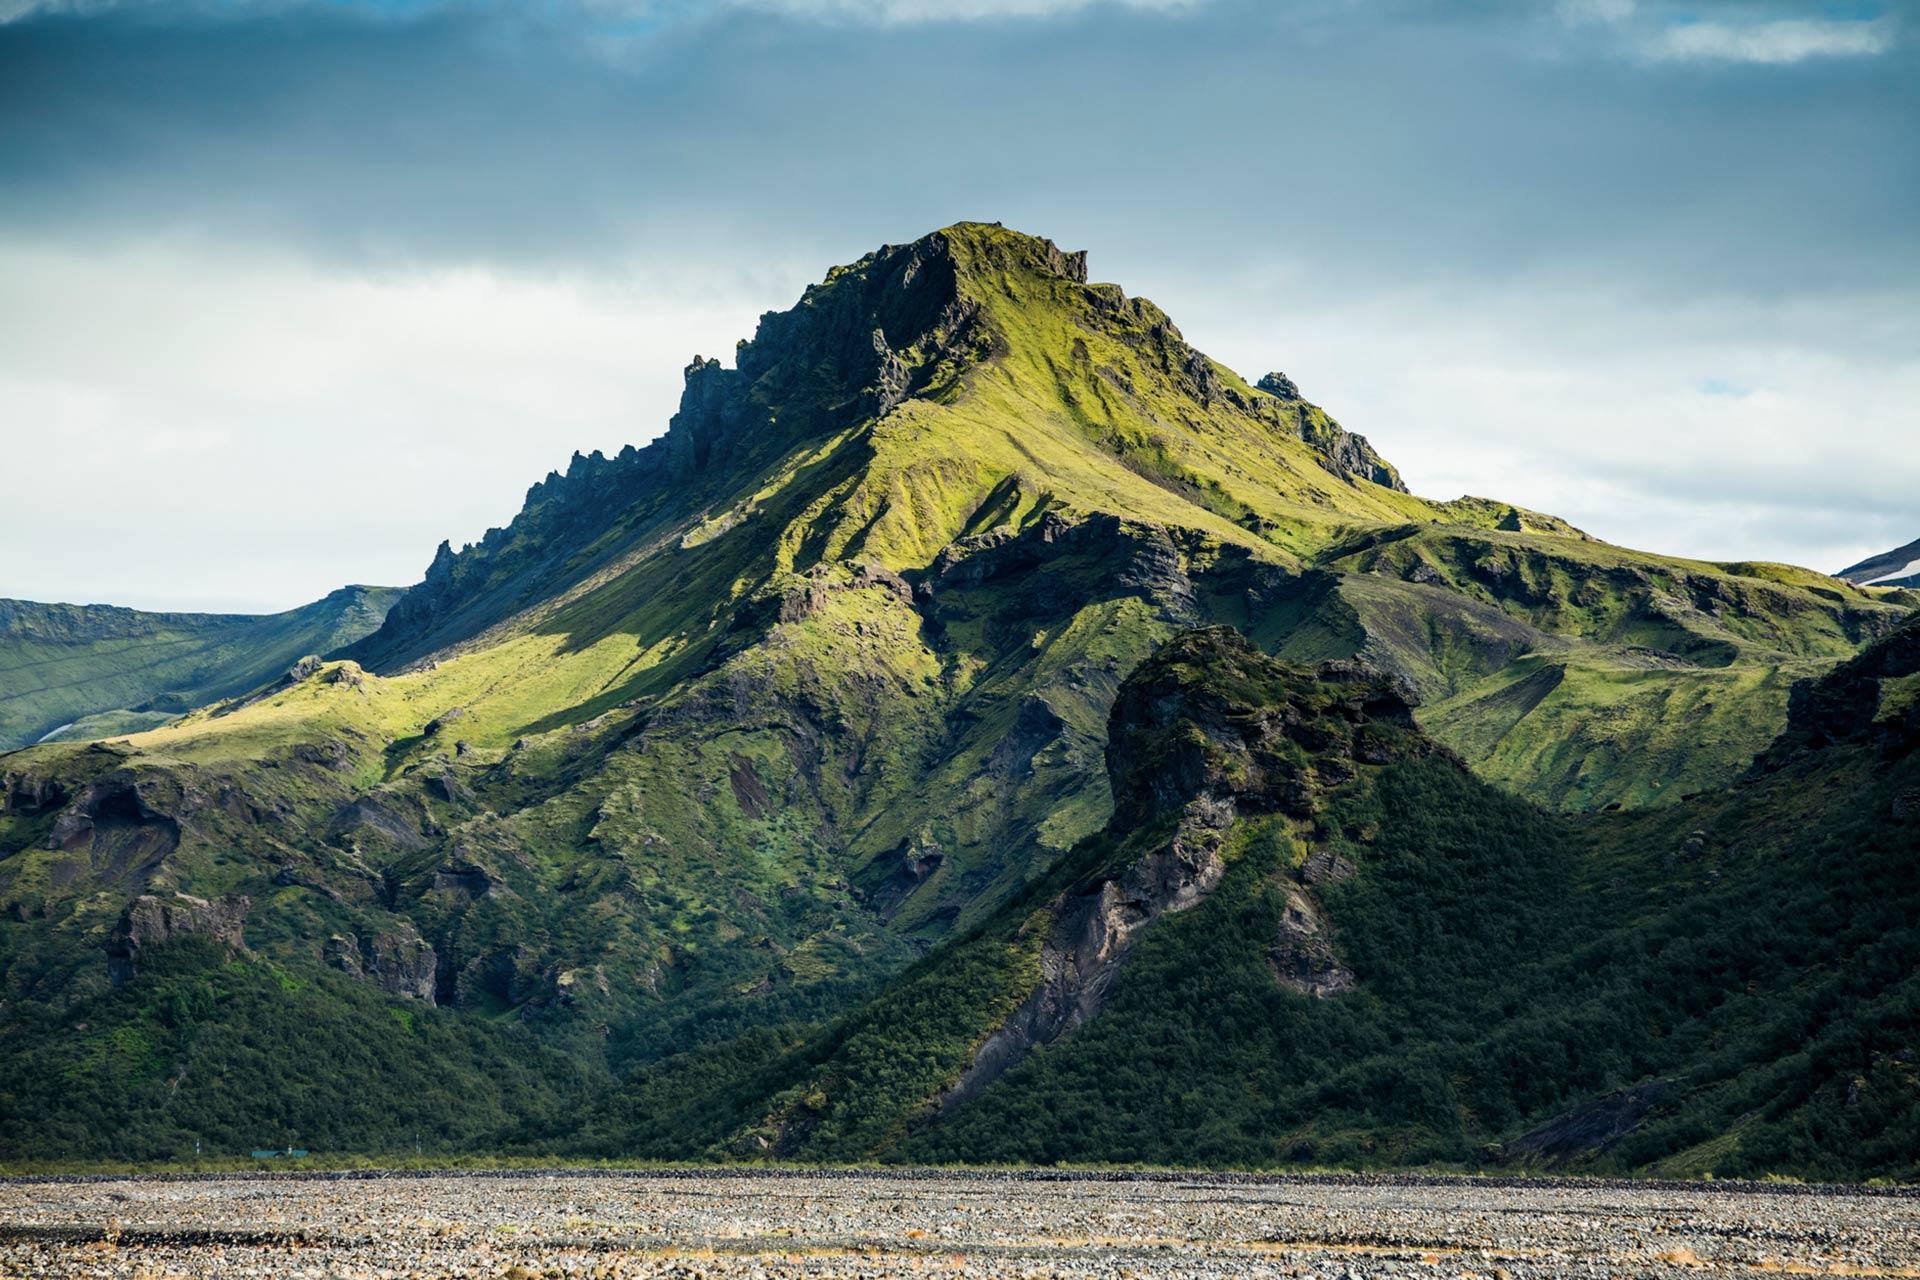 Zobacz porośnięte mchem góry, podróżując przez interior super jeepem.